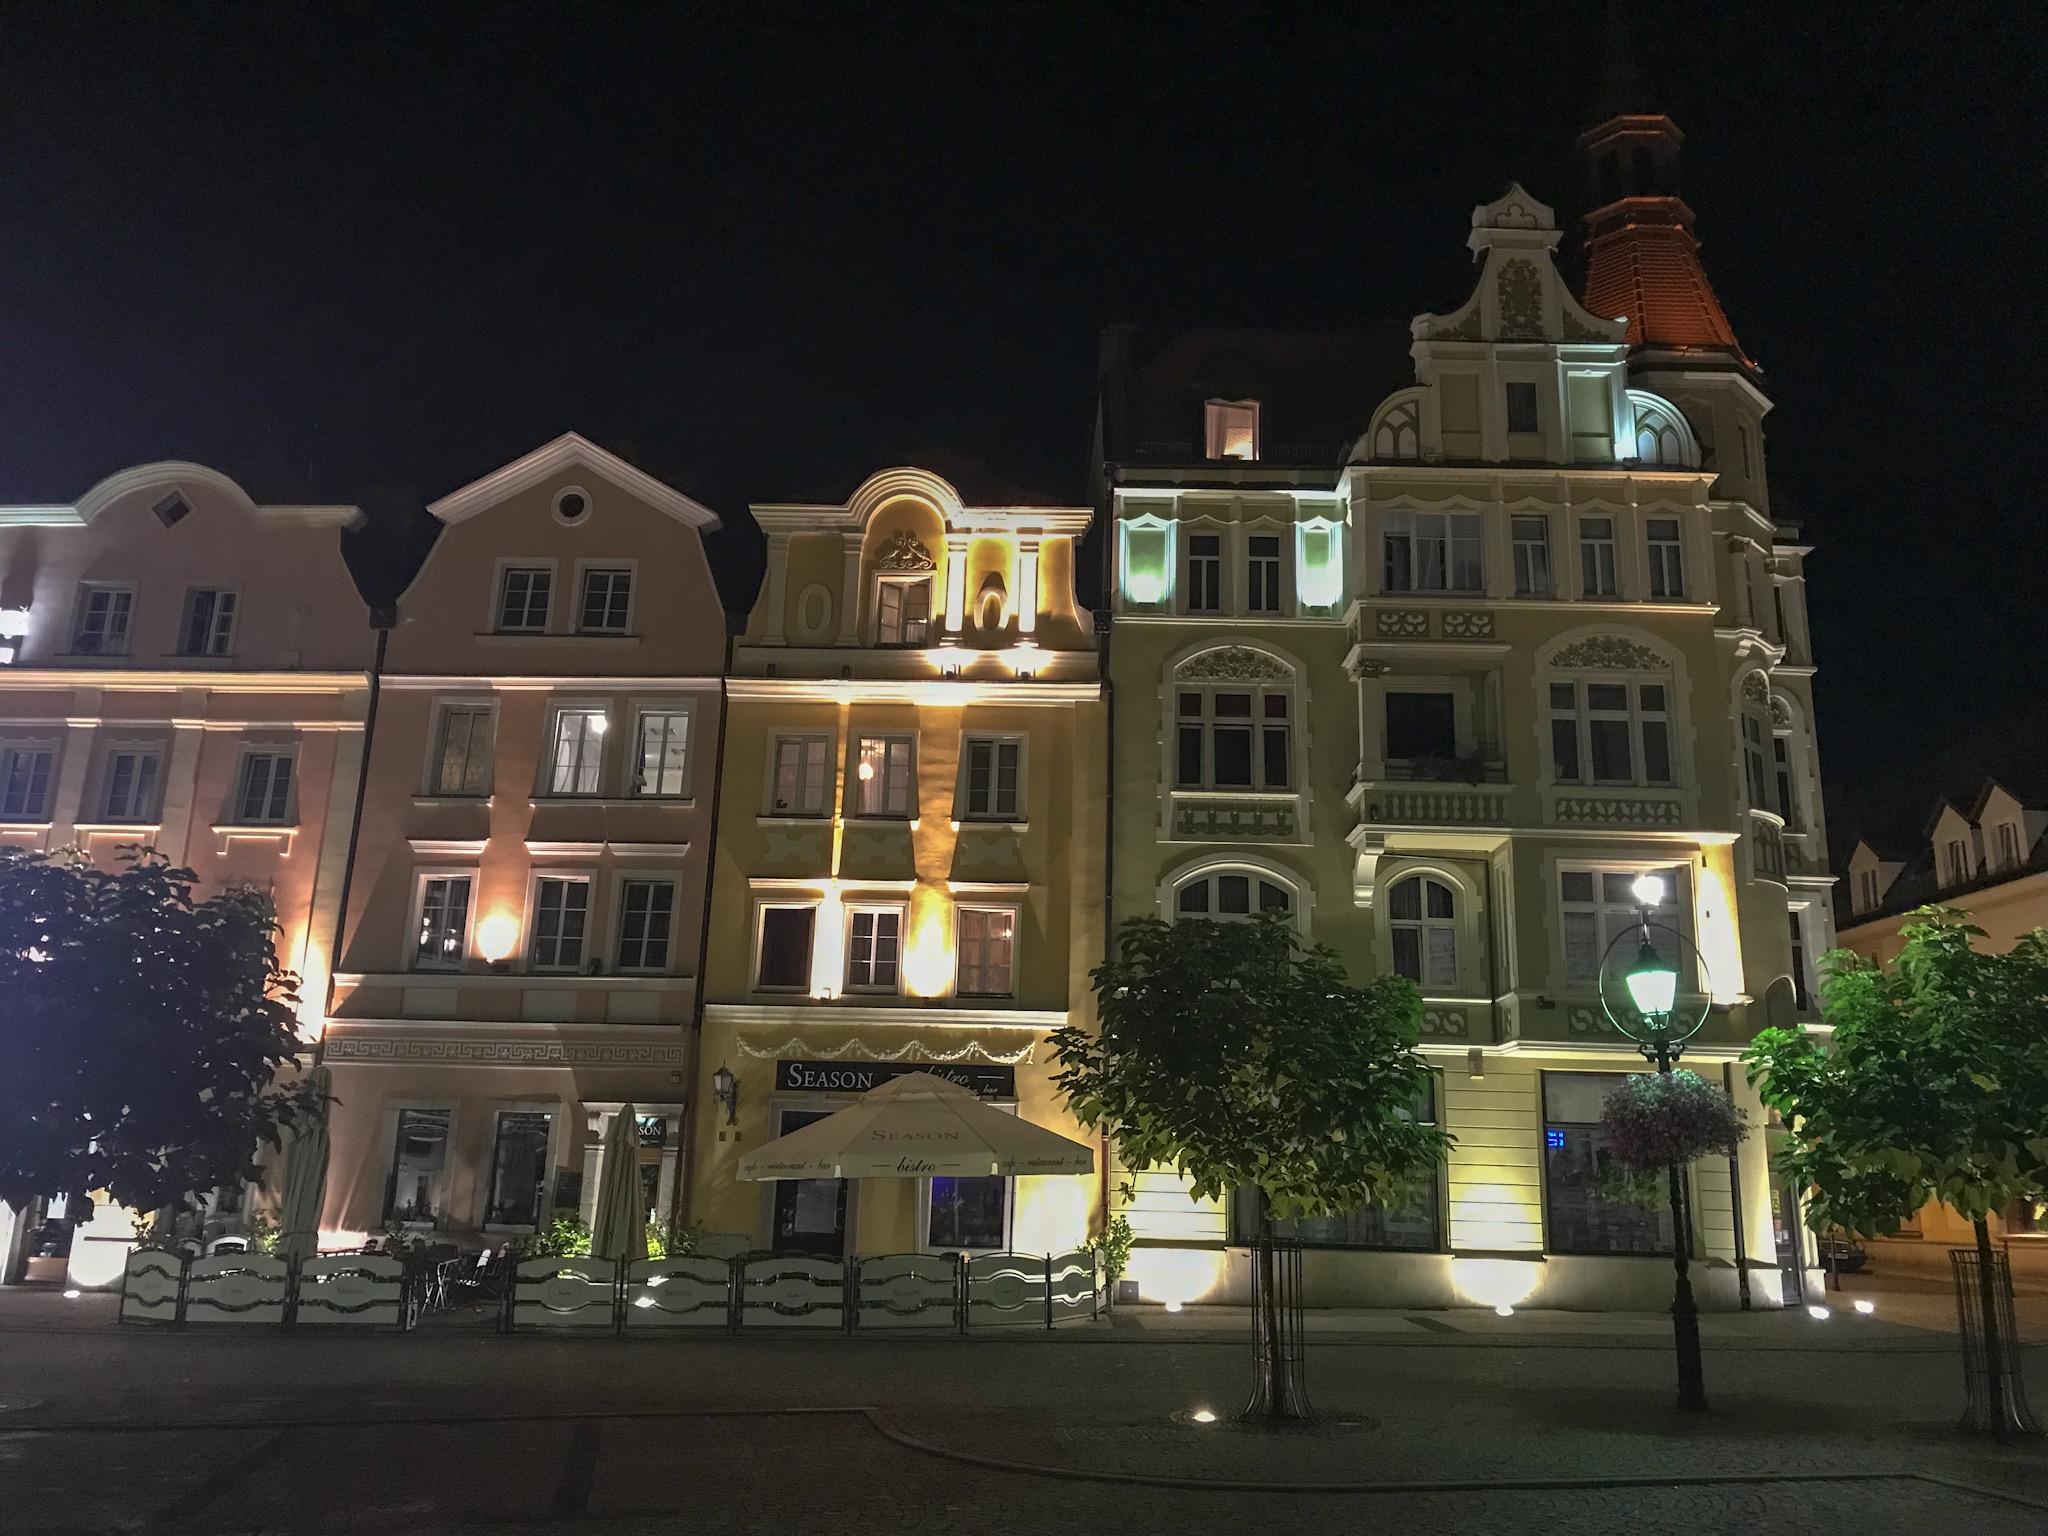 Bolesławiec, Poland